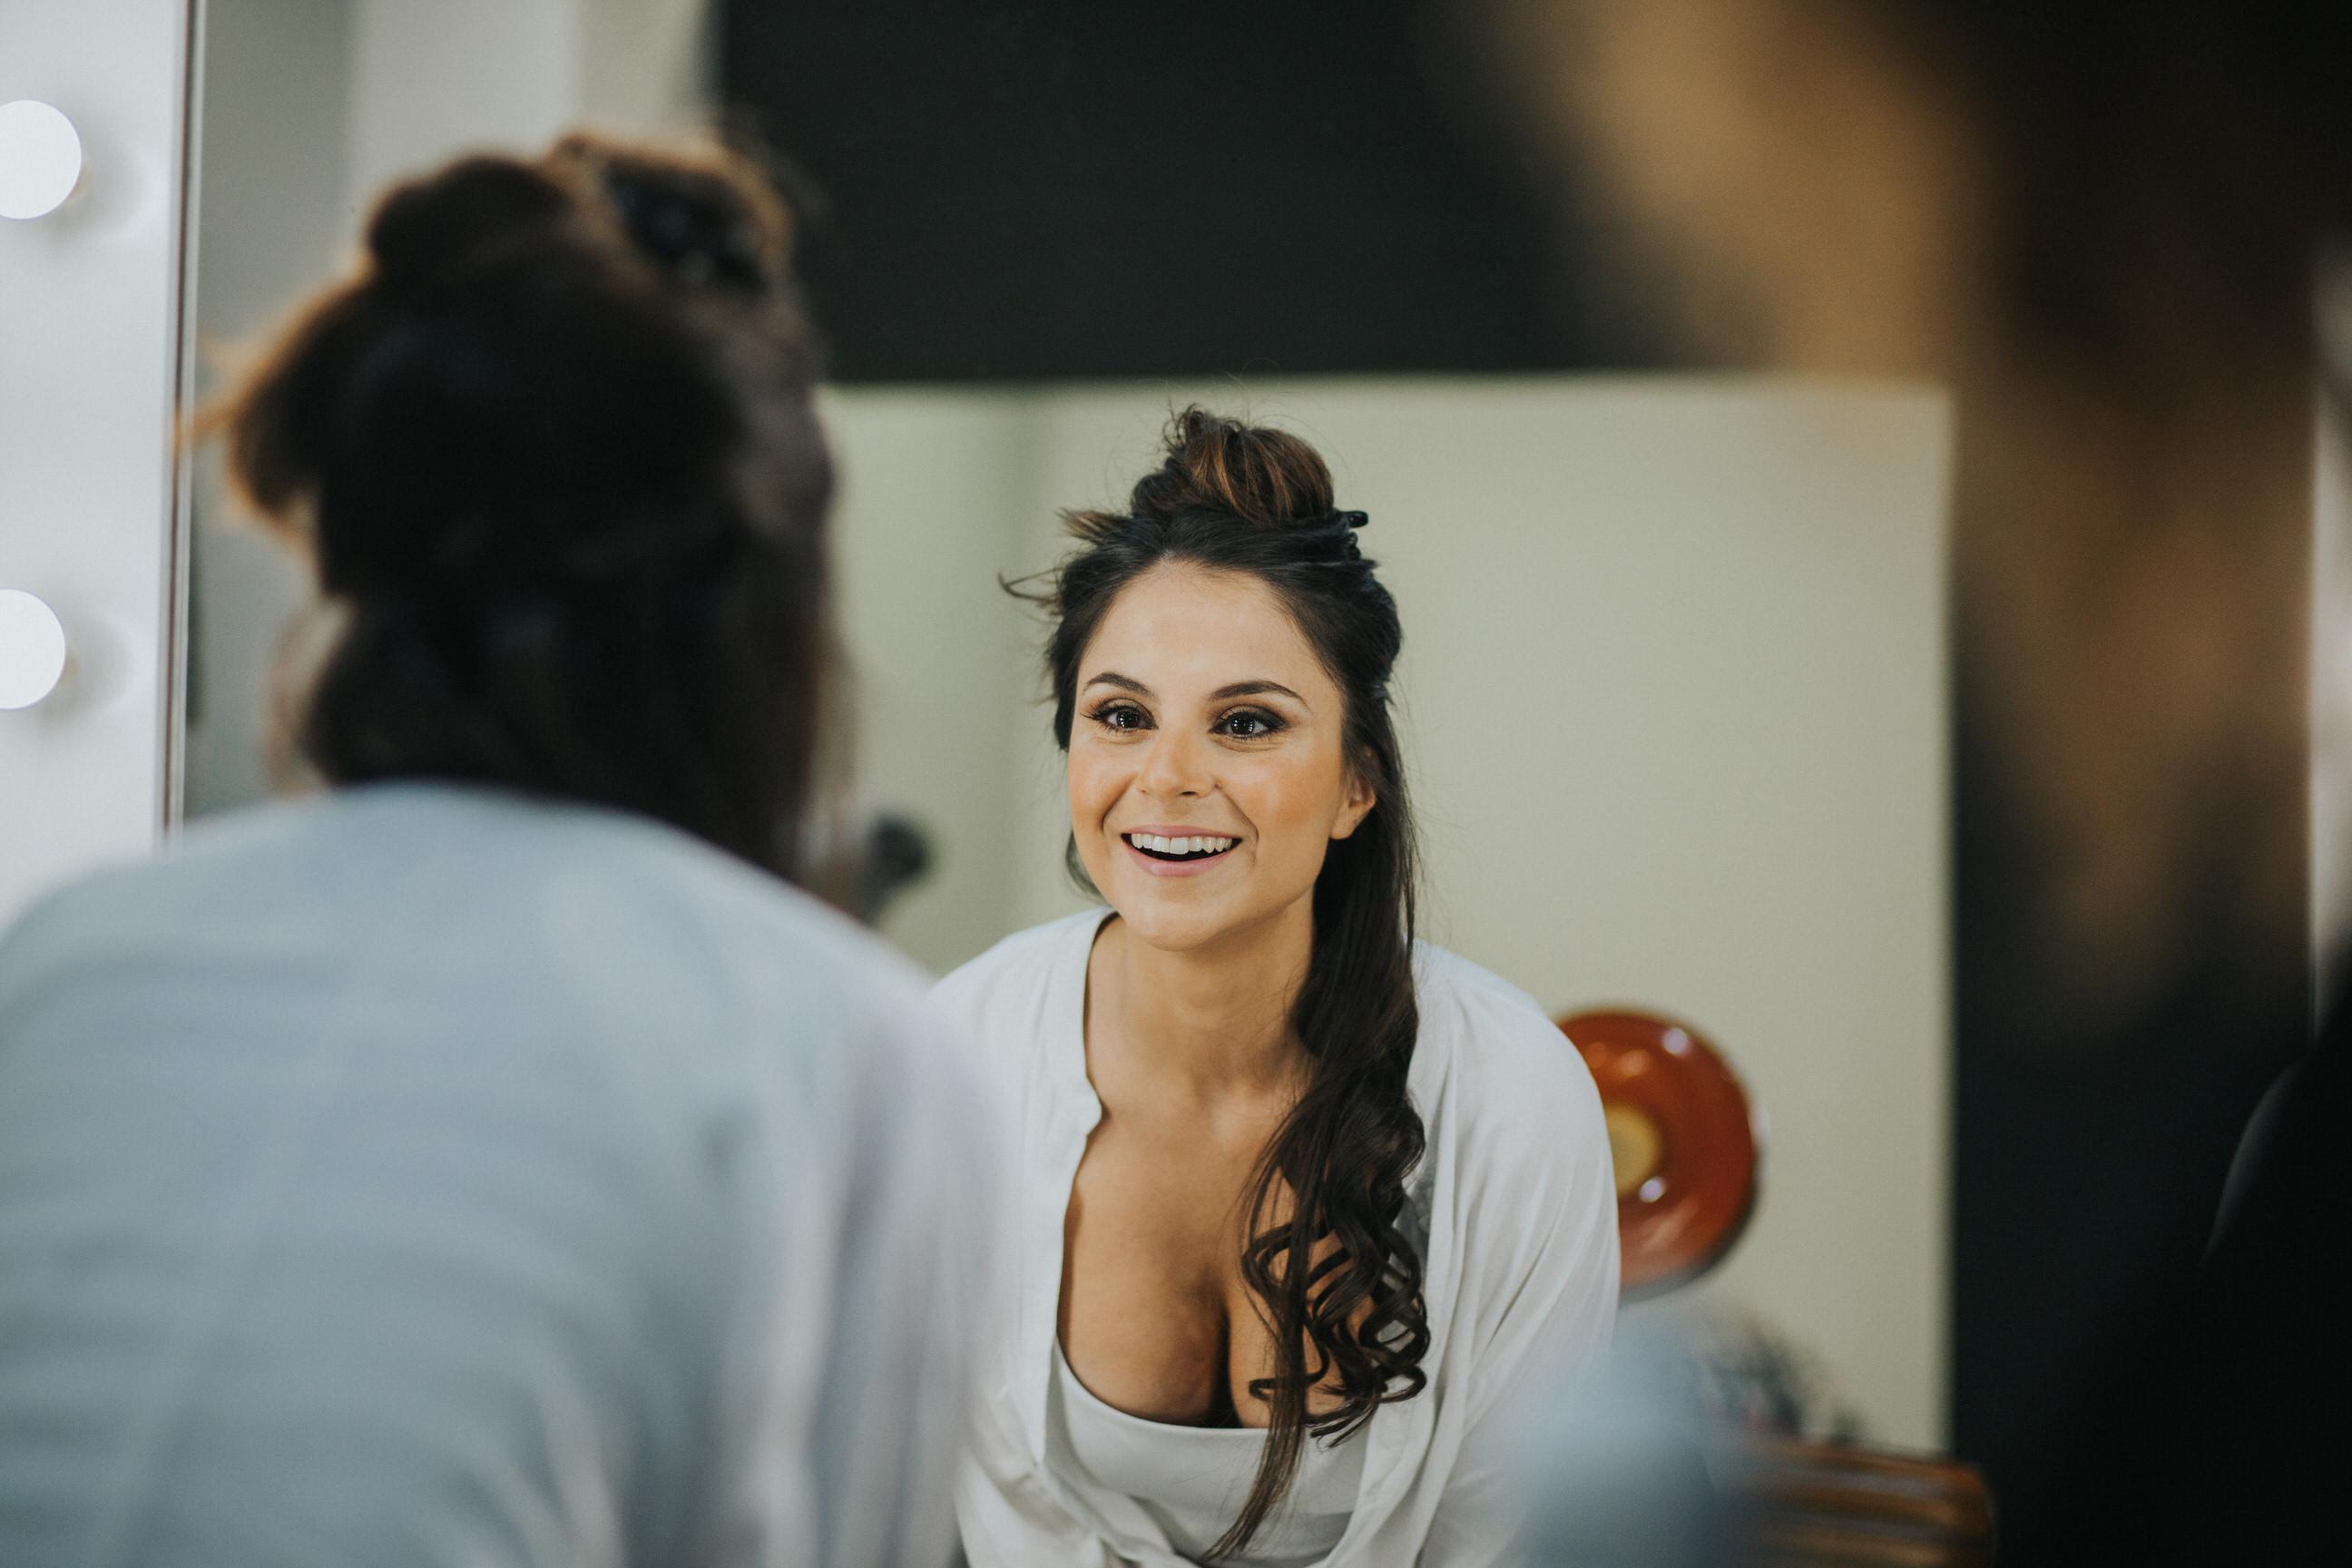 Casamento-Rústico-Bucelas-Quinta-da-Murta-boho-chic-vestidos-dress-venue-Portugal-wedding-cabeleireiro-preparativos-mirror-espelho